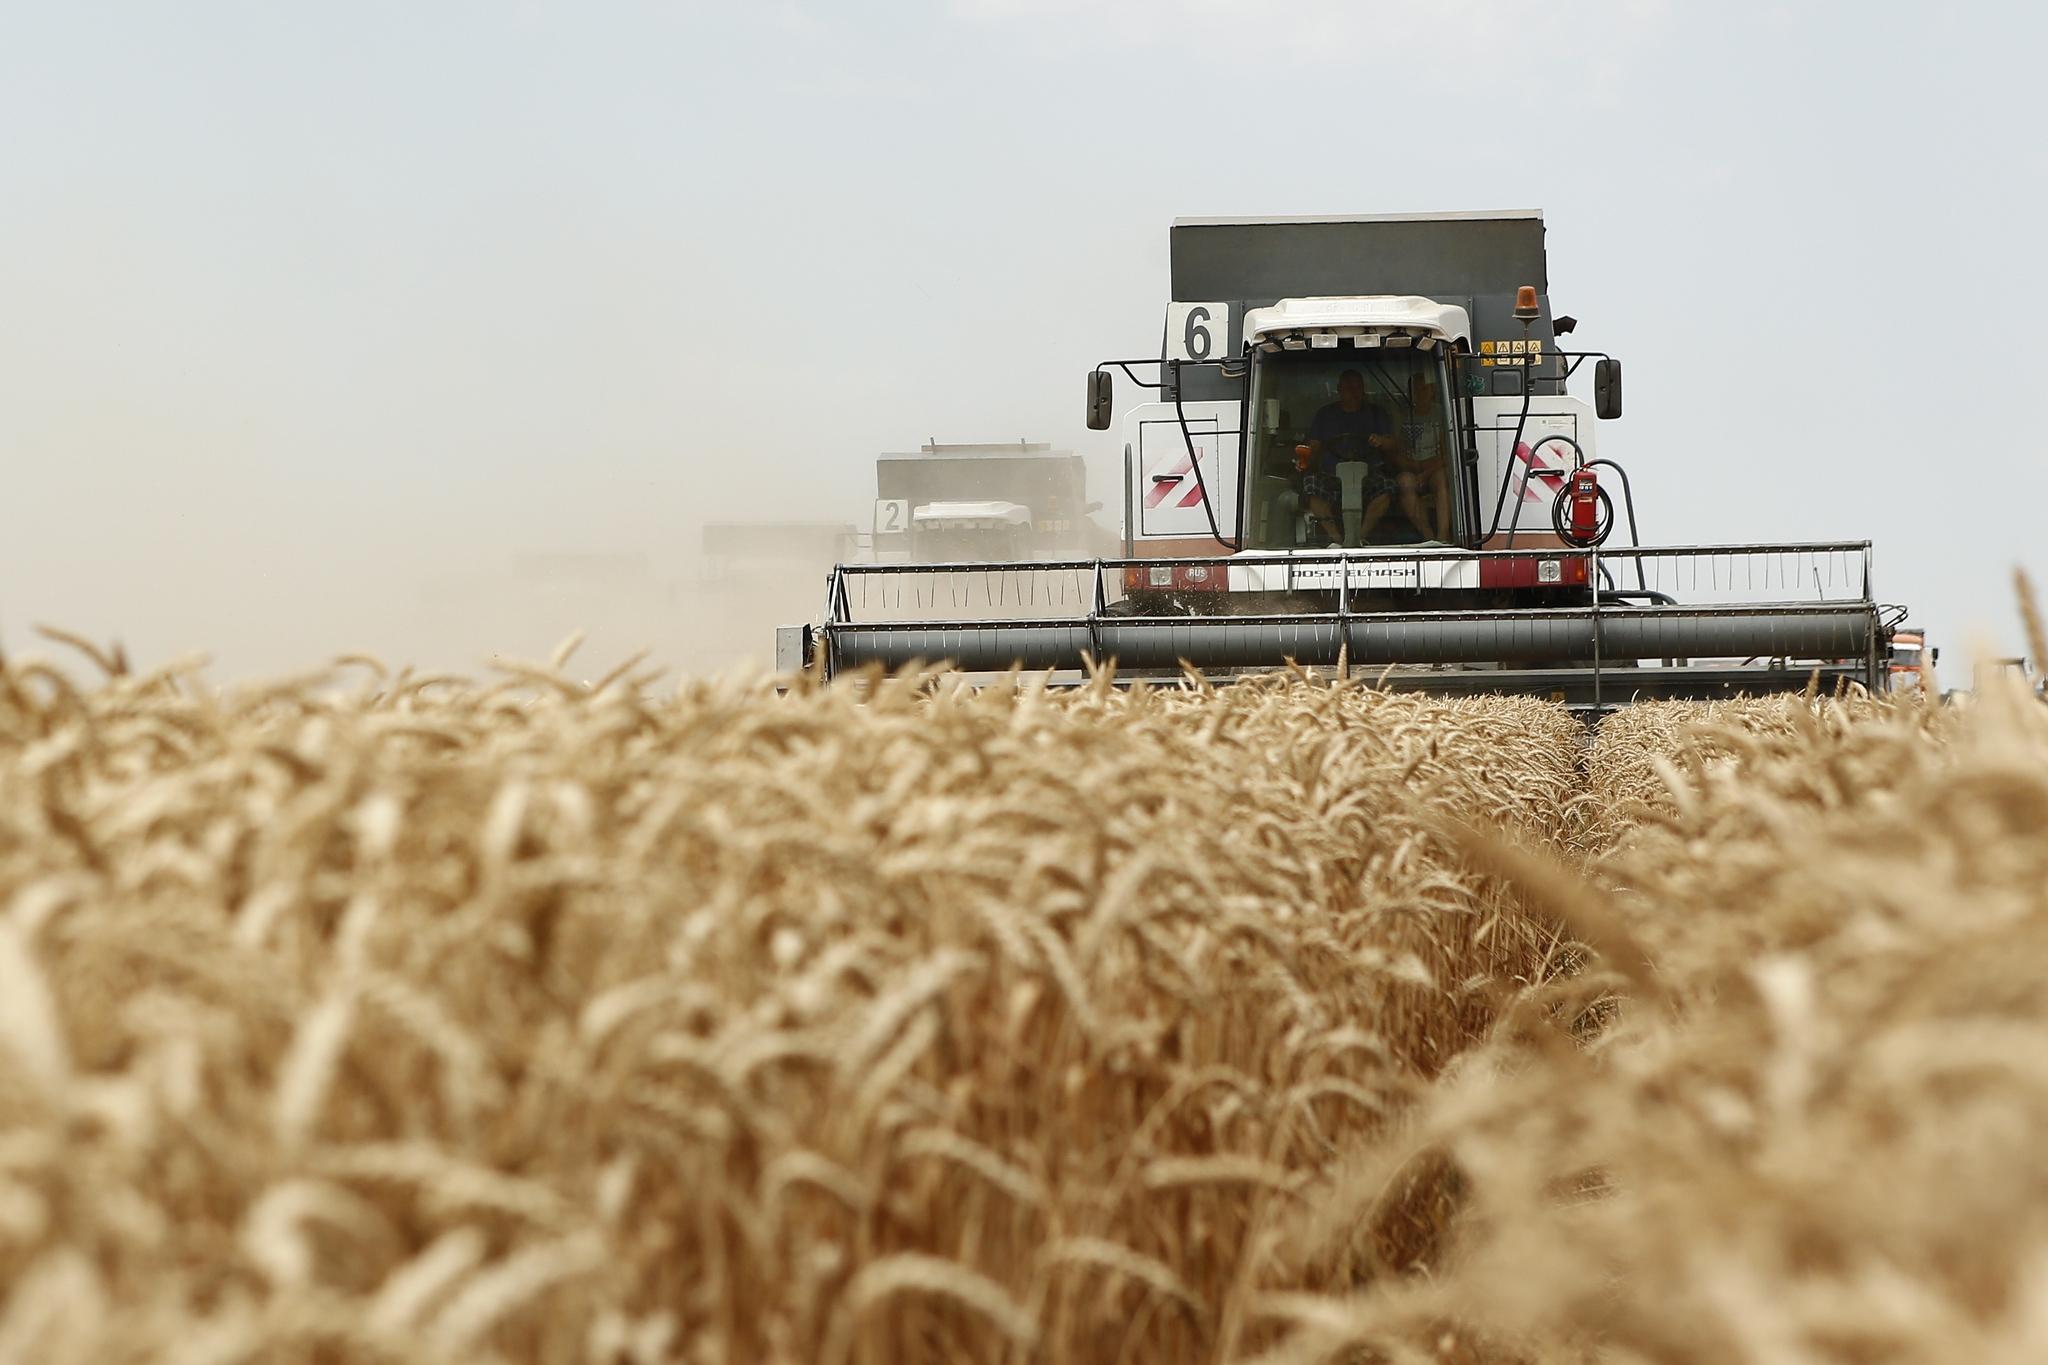 110 тыс. тонн зерновой продукции экспортировано из Алтайского края в октябре 2019 года